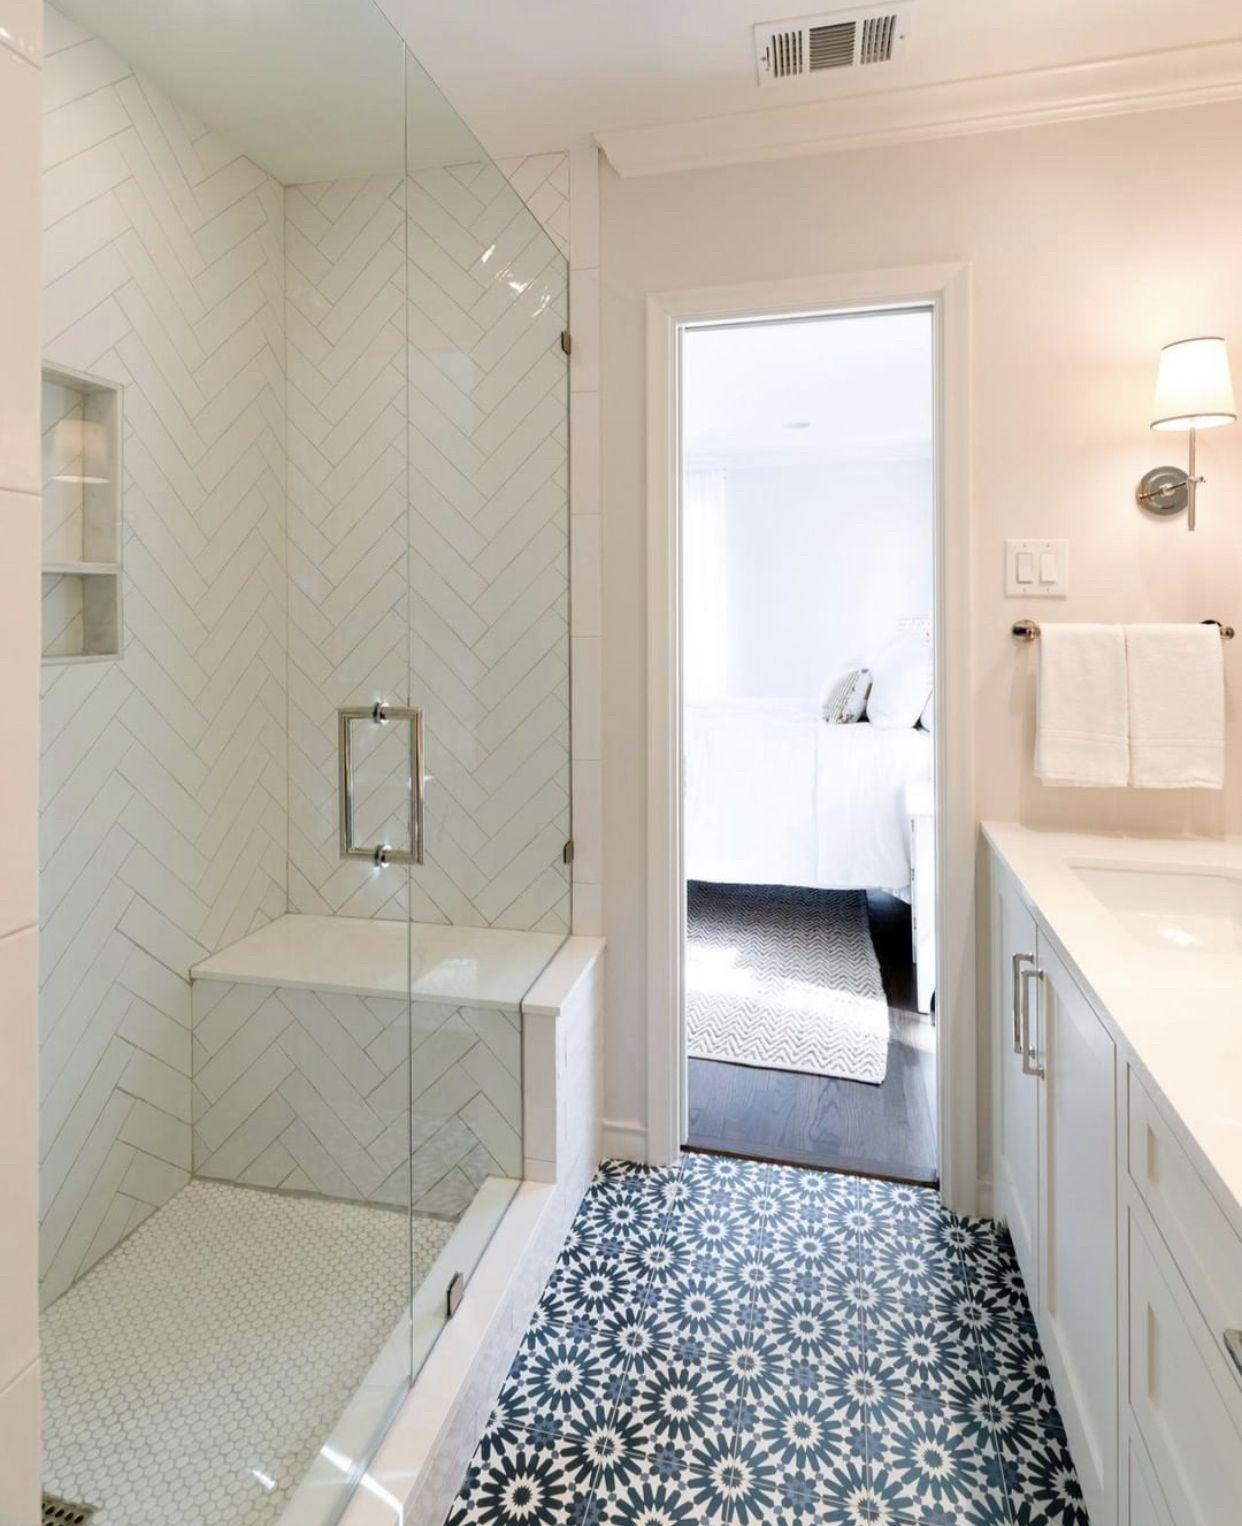 Riad Tile Cement Tile Erizo Blue Cement Tile Concrete Tiles Bathroom Cement Tiles Bathroom